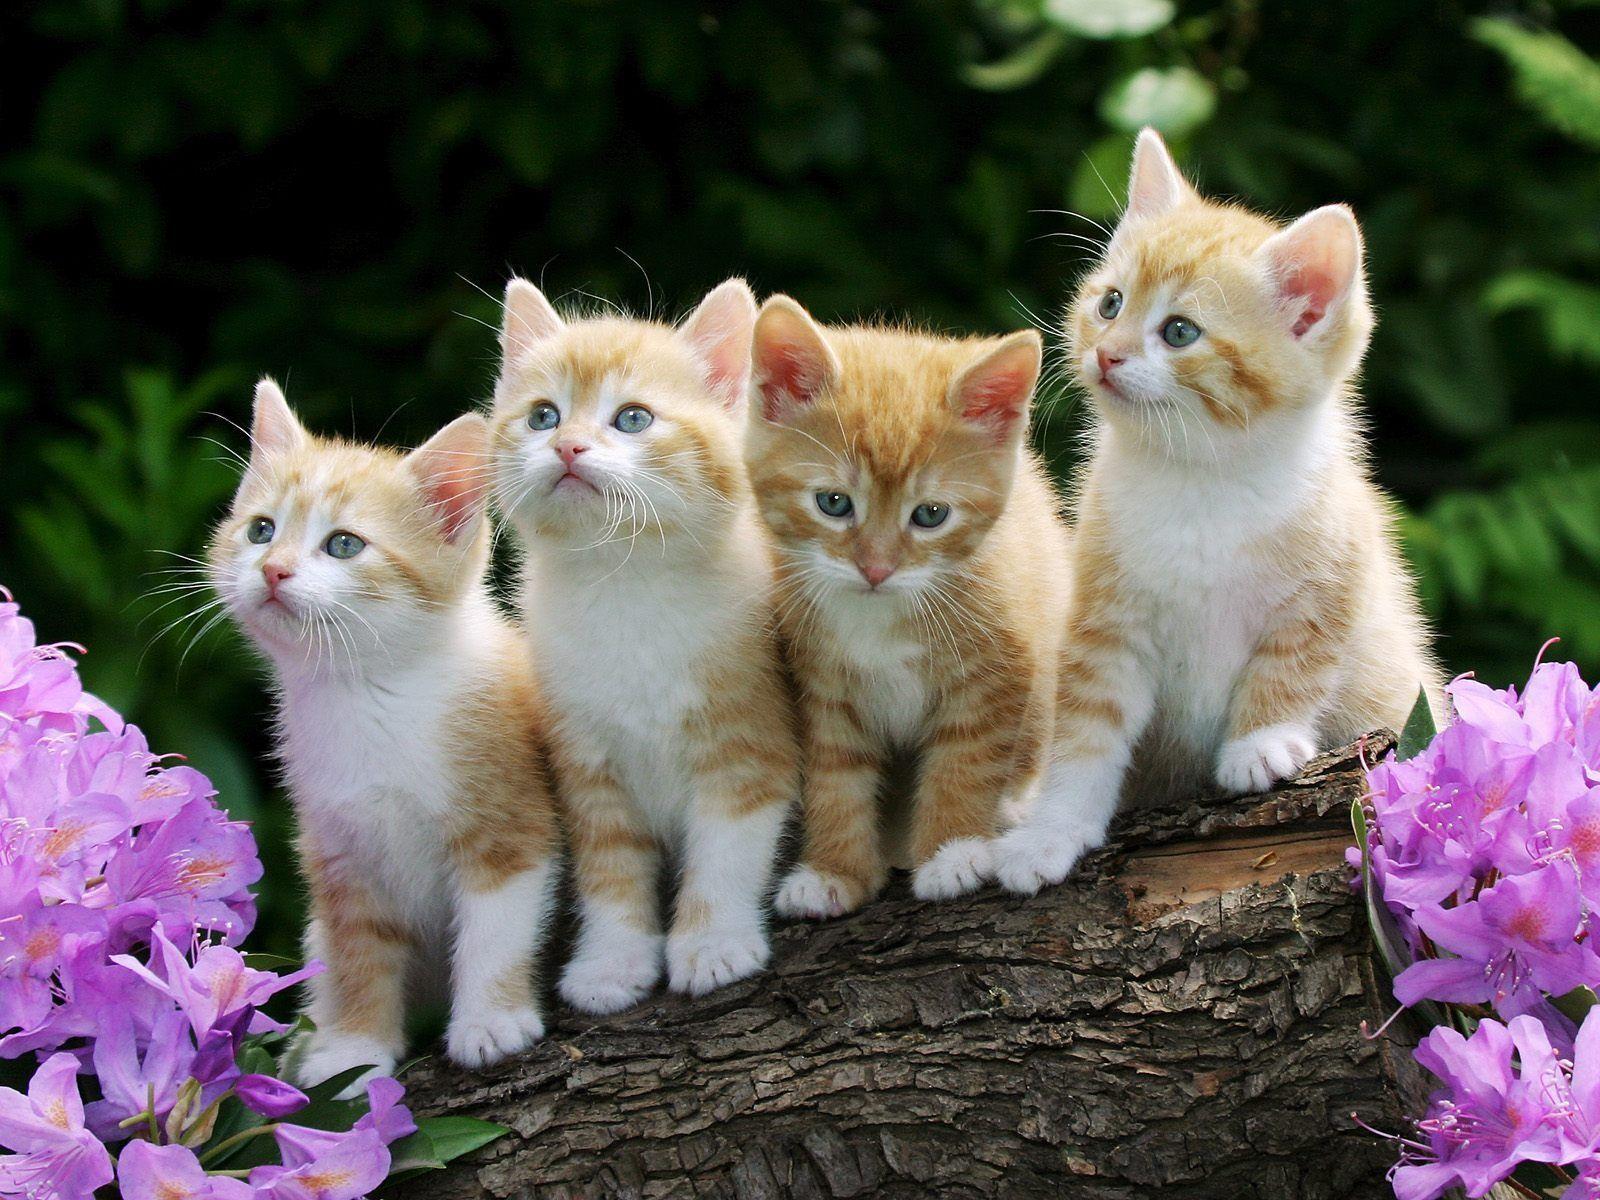 1600x1200 Hình nền mèo con dễ thương Hình nền động vật mèo ở định dạng jpg miễn phí